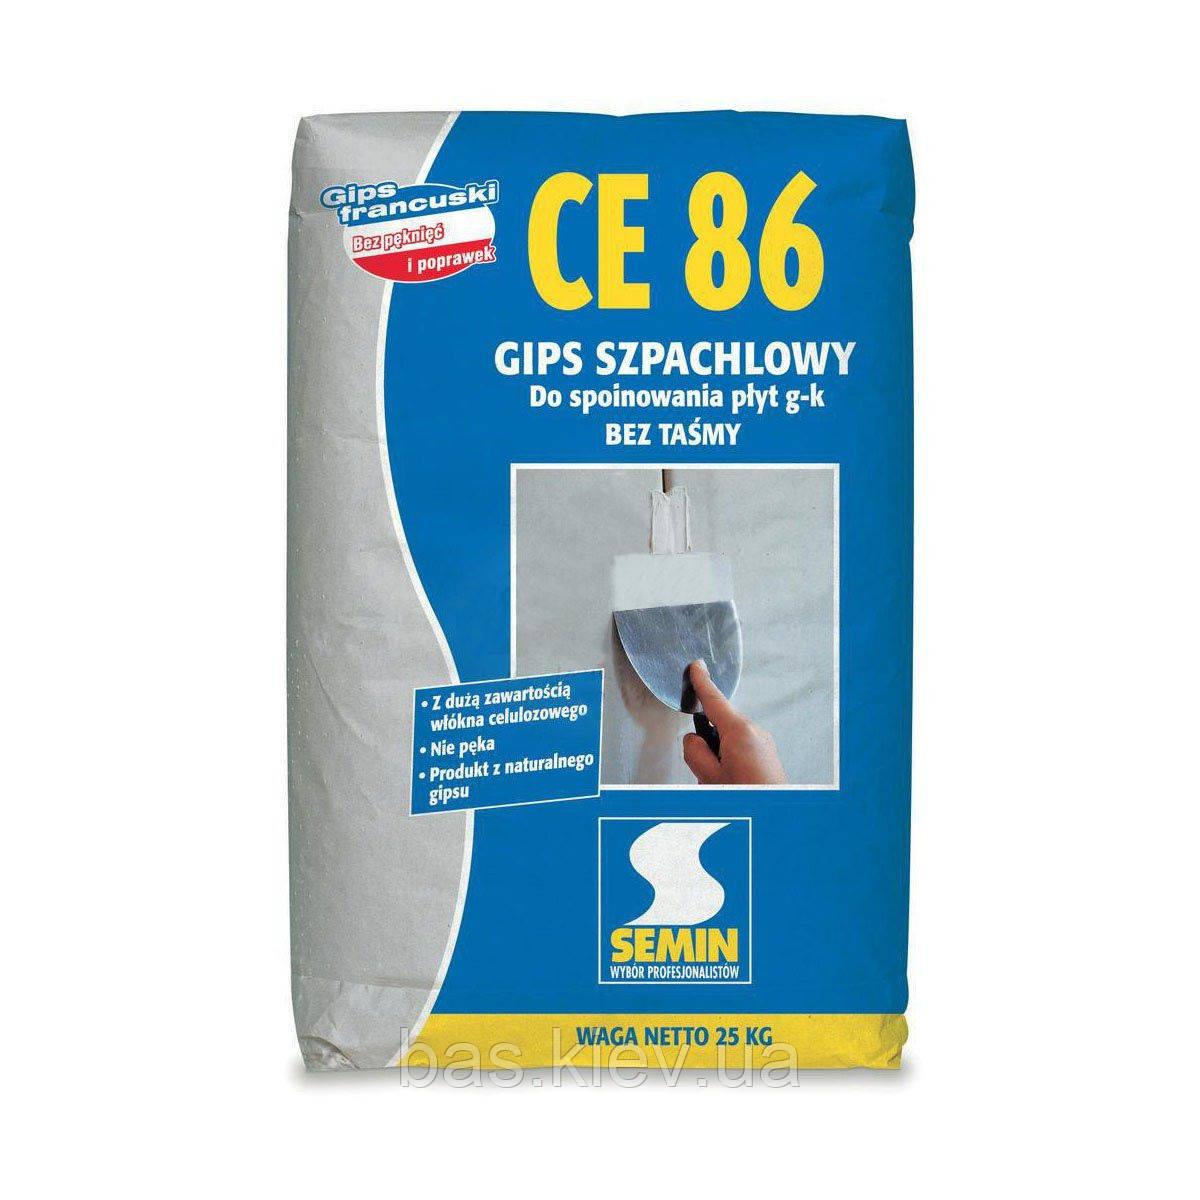 SEMIN CE-86  Шпаклевка многофункциональная, трещиностойкая для стыков ГКЛ/ГКВ  25кг